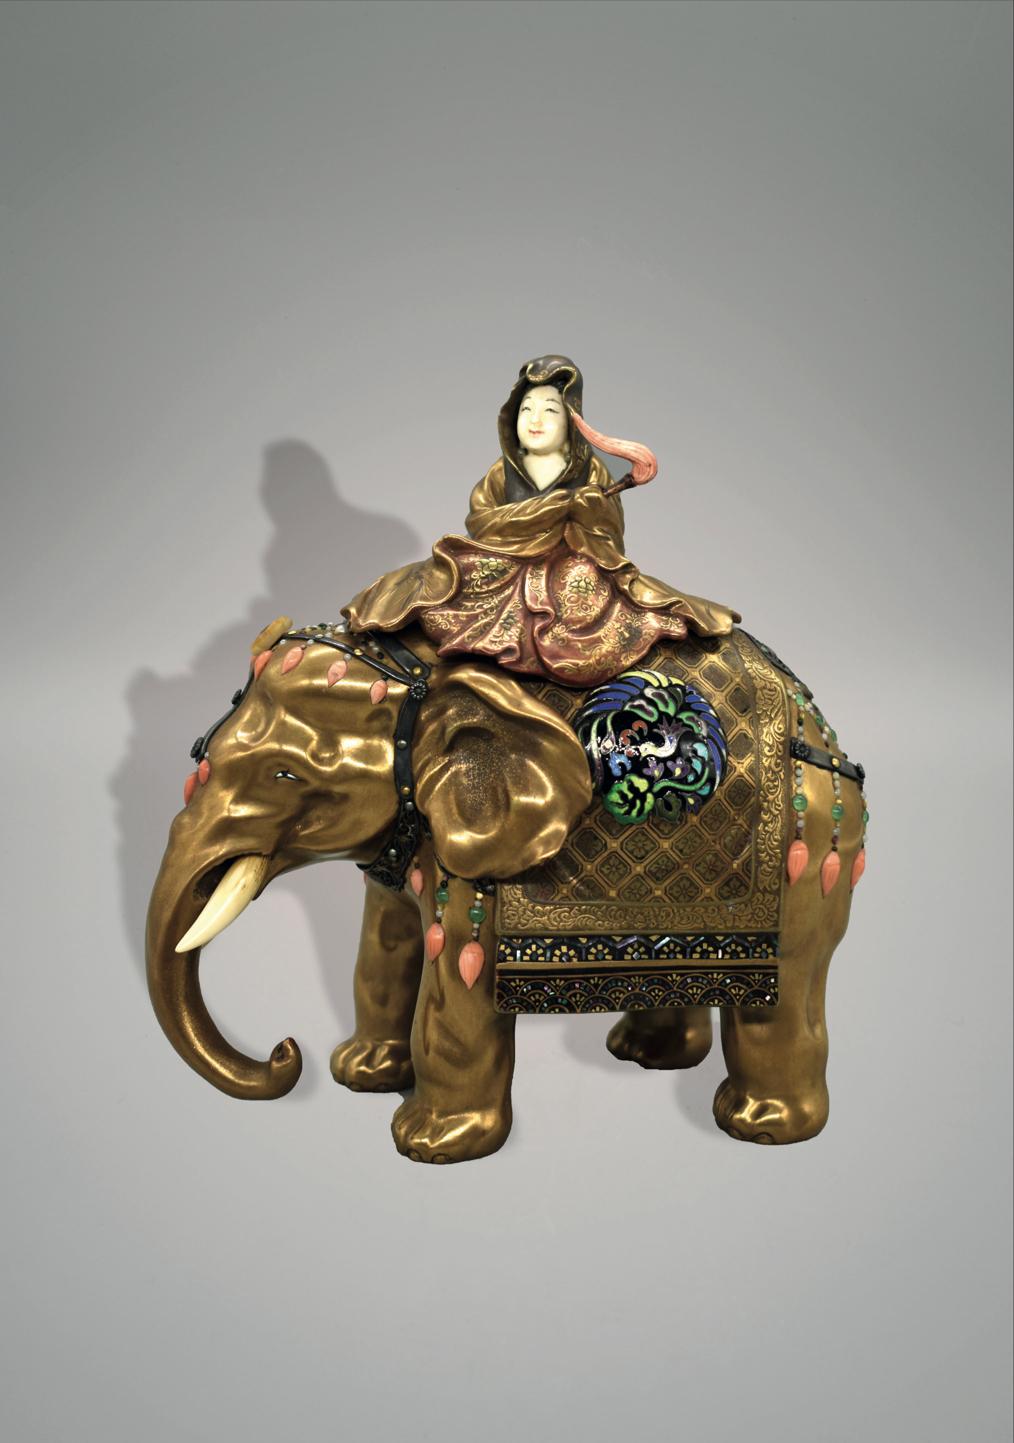 Shibayama Inlay Elephant and Guanyin Koro, Meiji Period (1868-1912) W:15cm x H:16cm